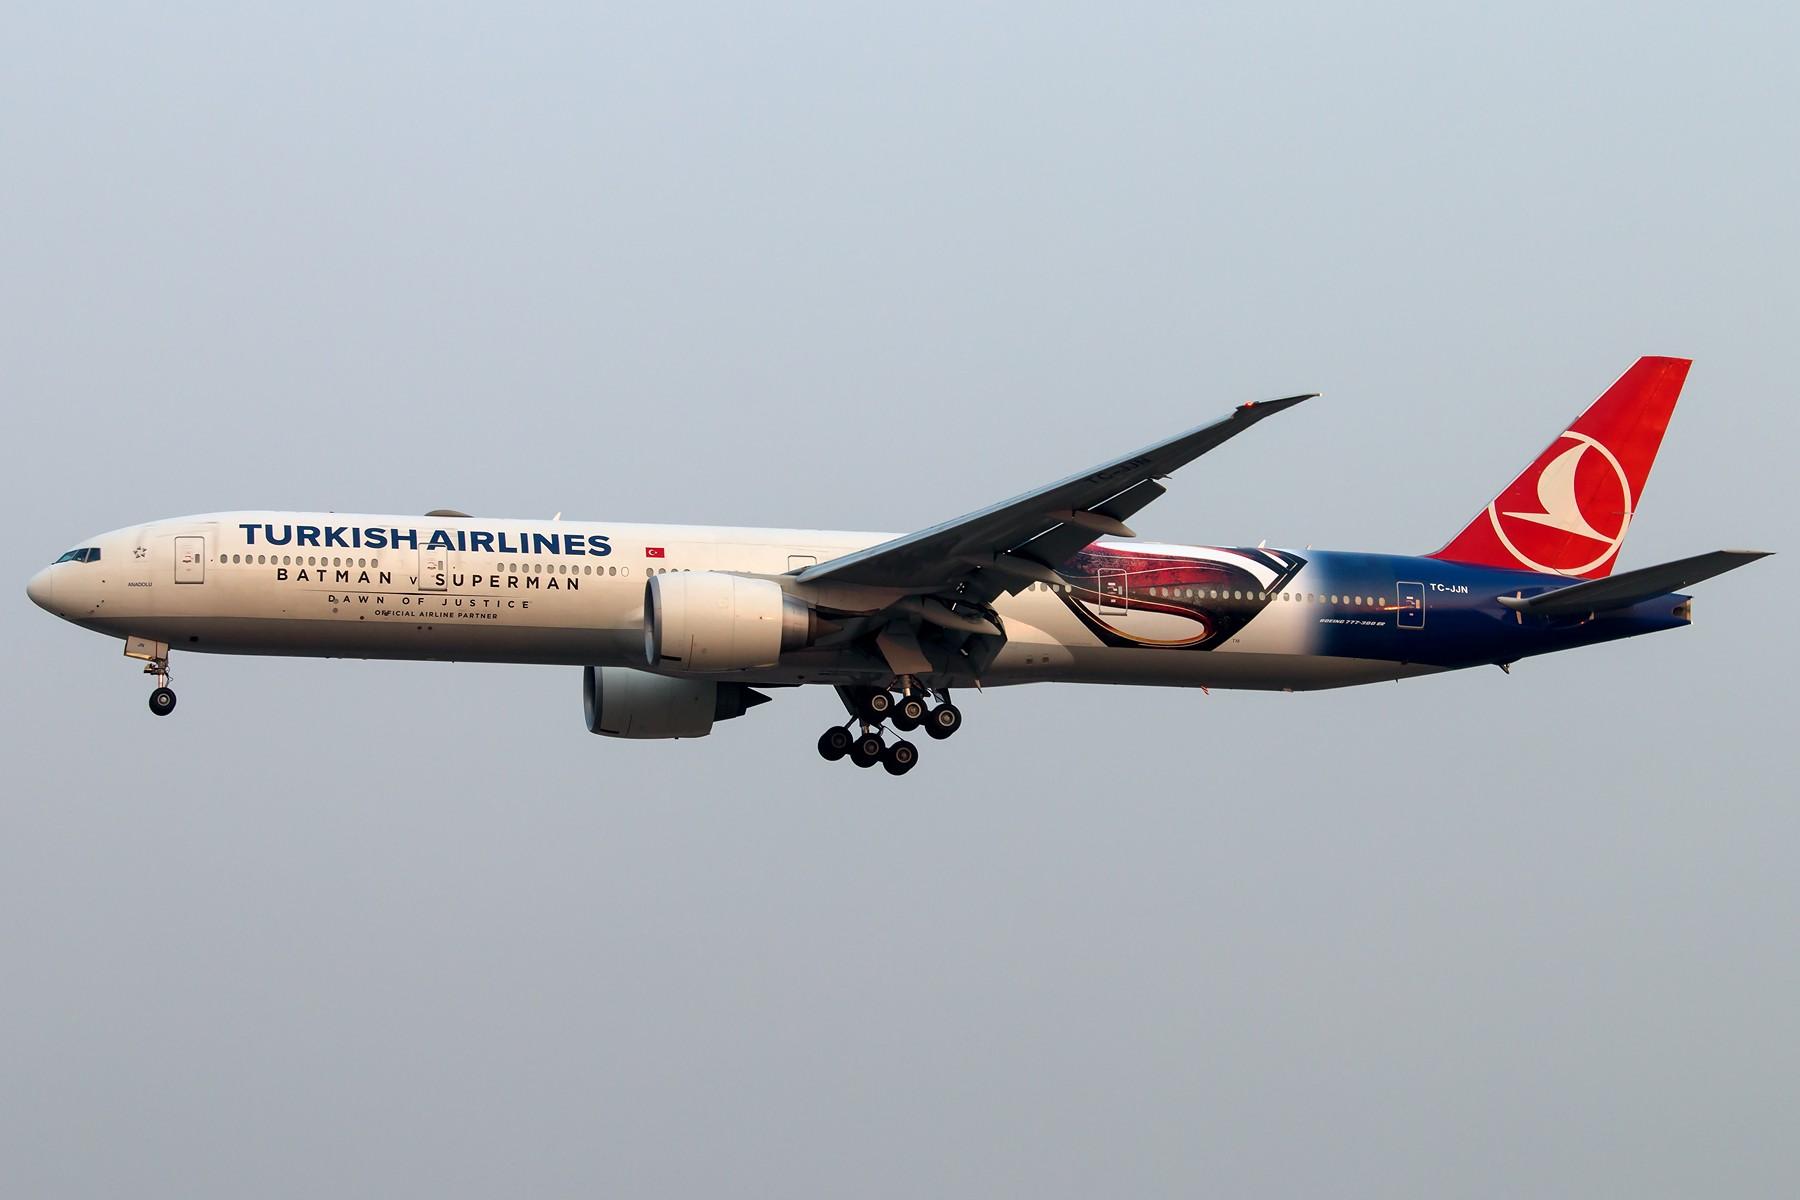 [原创][一图党] 烂天好货!土耳其航空 《蝙蝠侠大战超人:正义黎明》主题涂装彩绘机 1800*1200 BOEING 777-3F2(ER) TC-JJN 中国北京首都国际机场